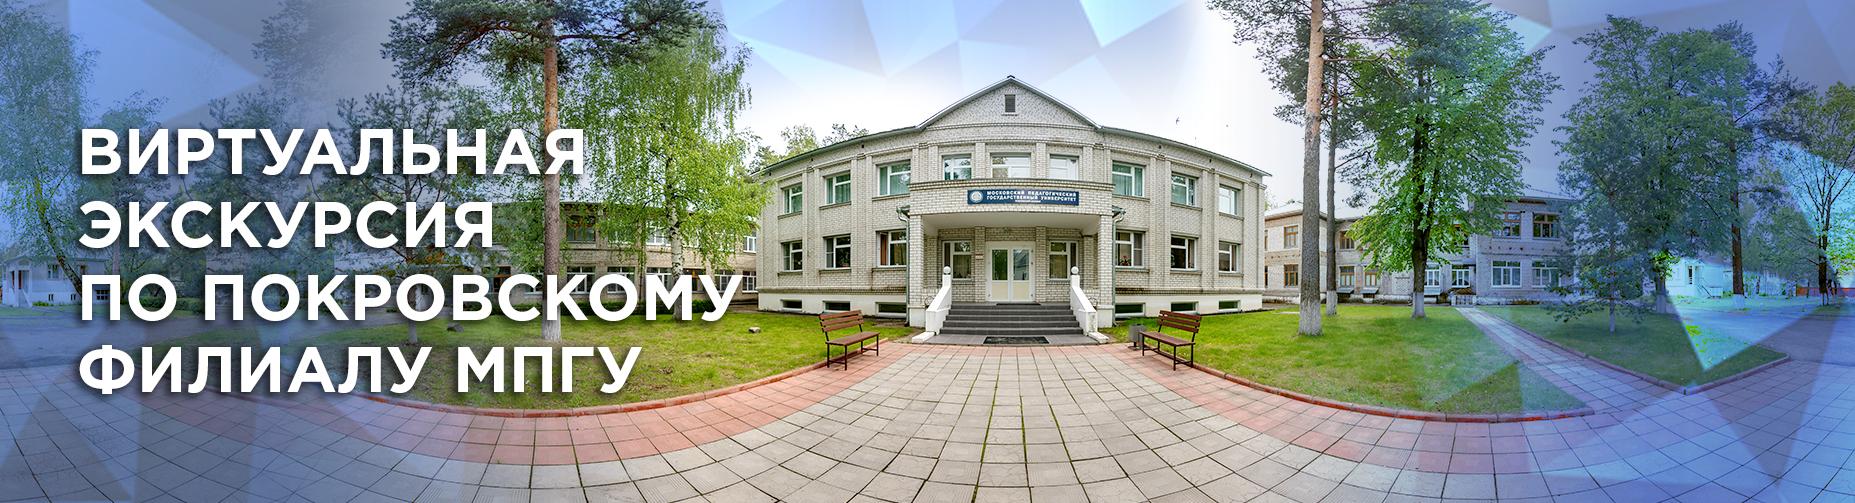 Баннер-Покров-Экскурсия-1